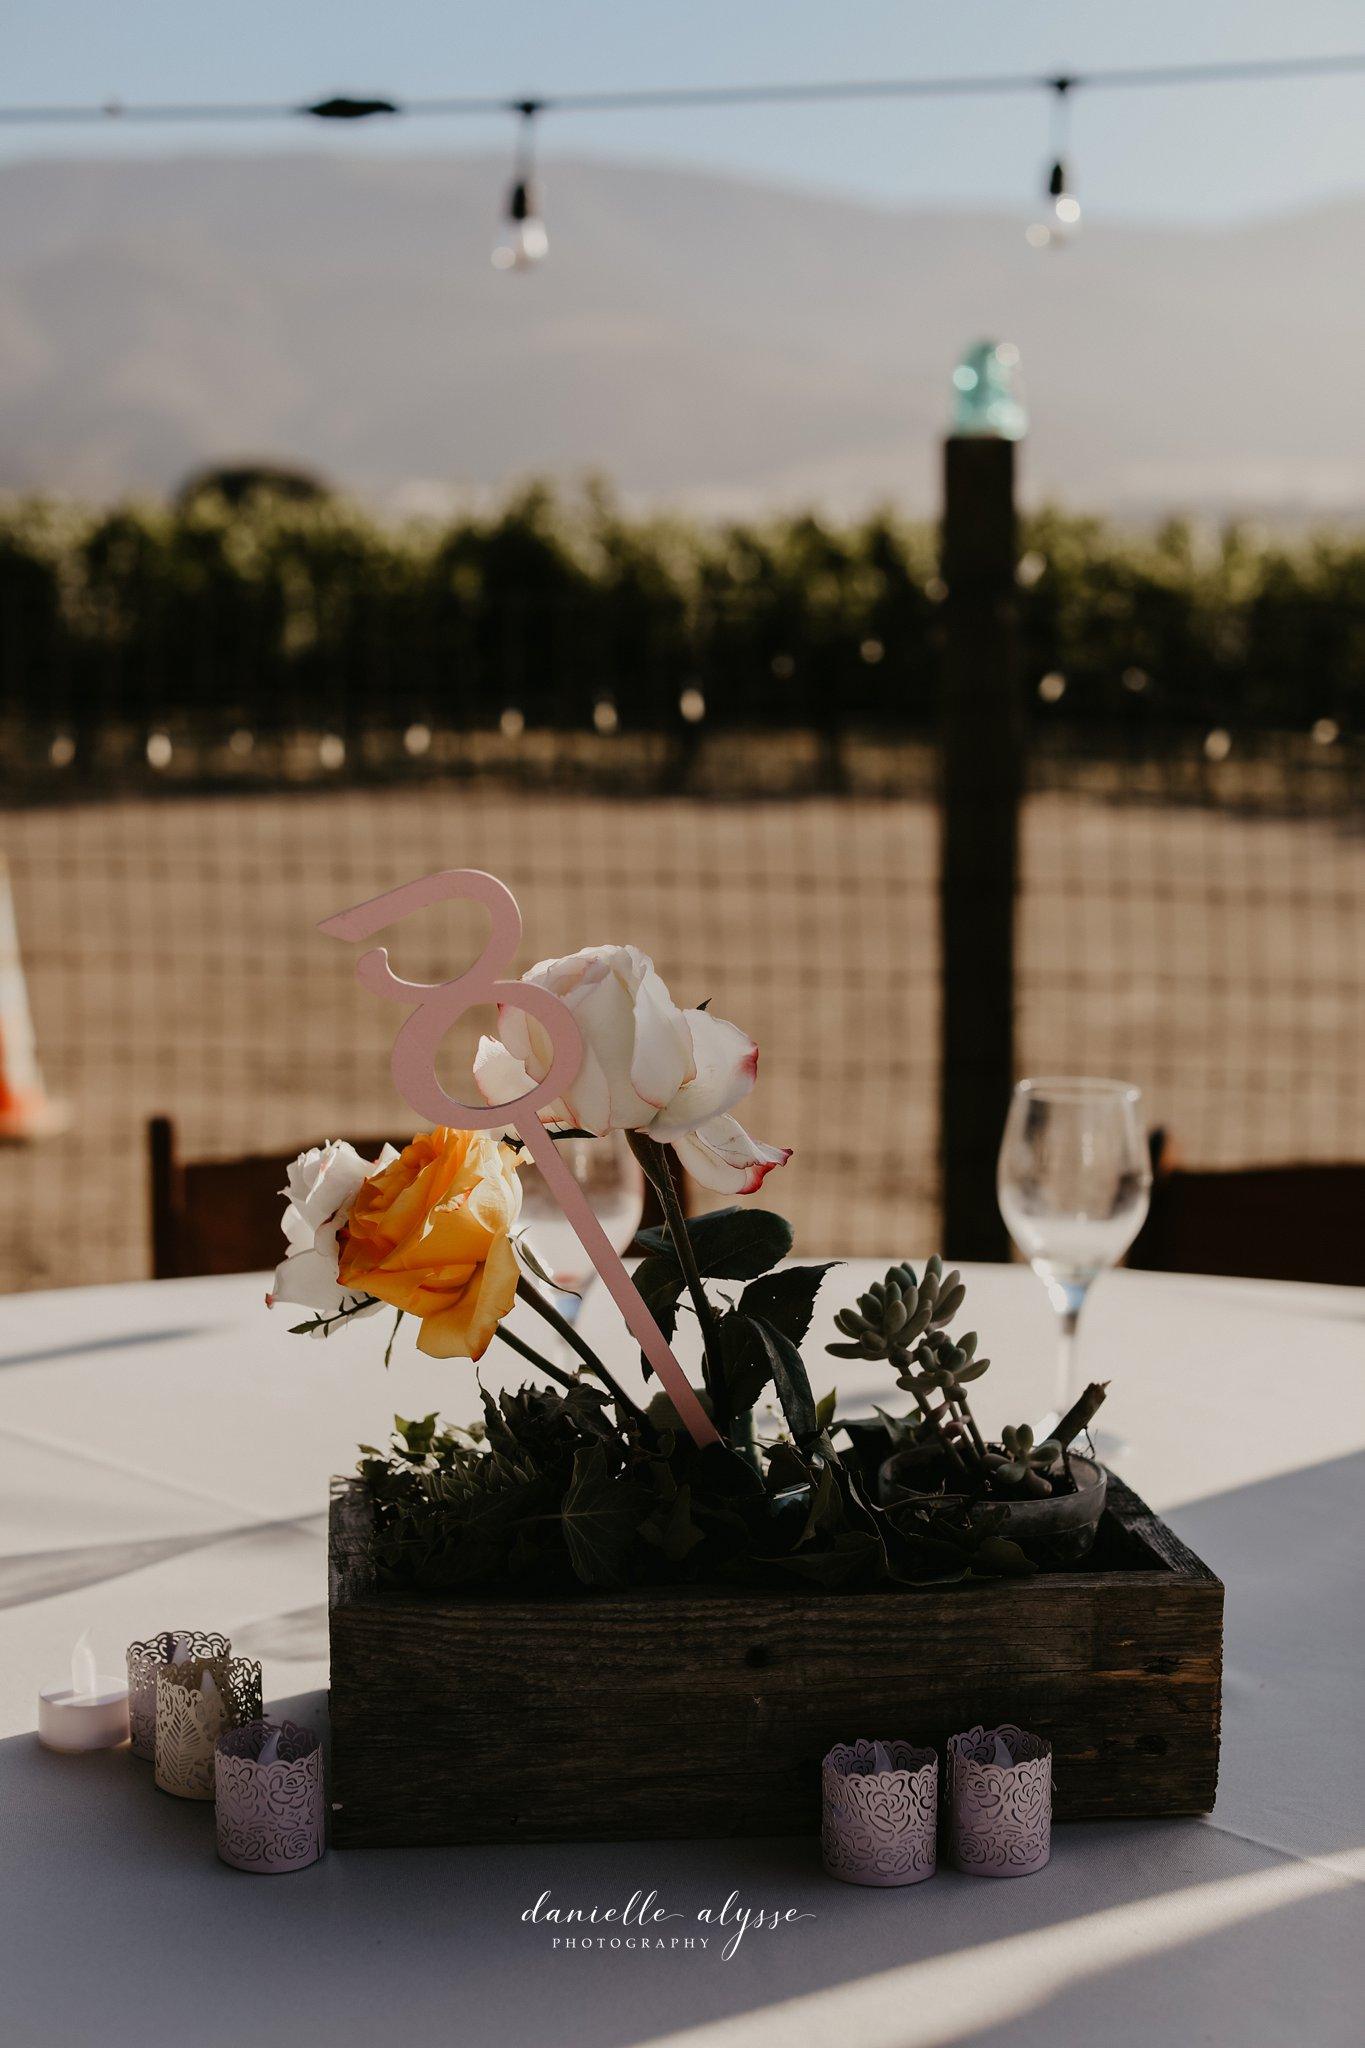 180630_wedding_lily_ryan_mission_soledad_california_danielle_alysse_photography_blog_841_WEB.jpg